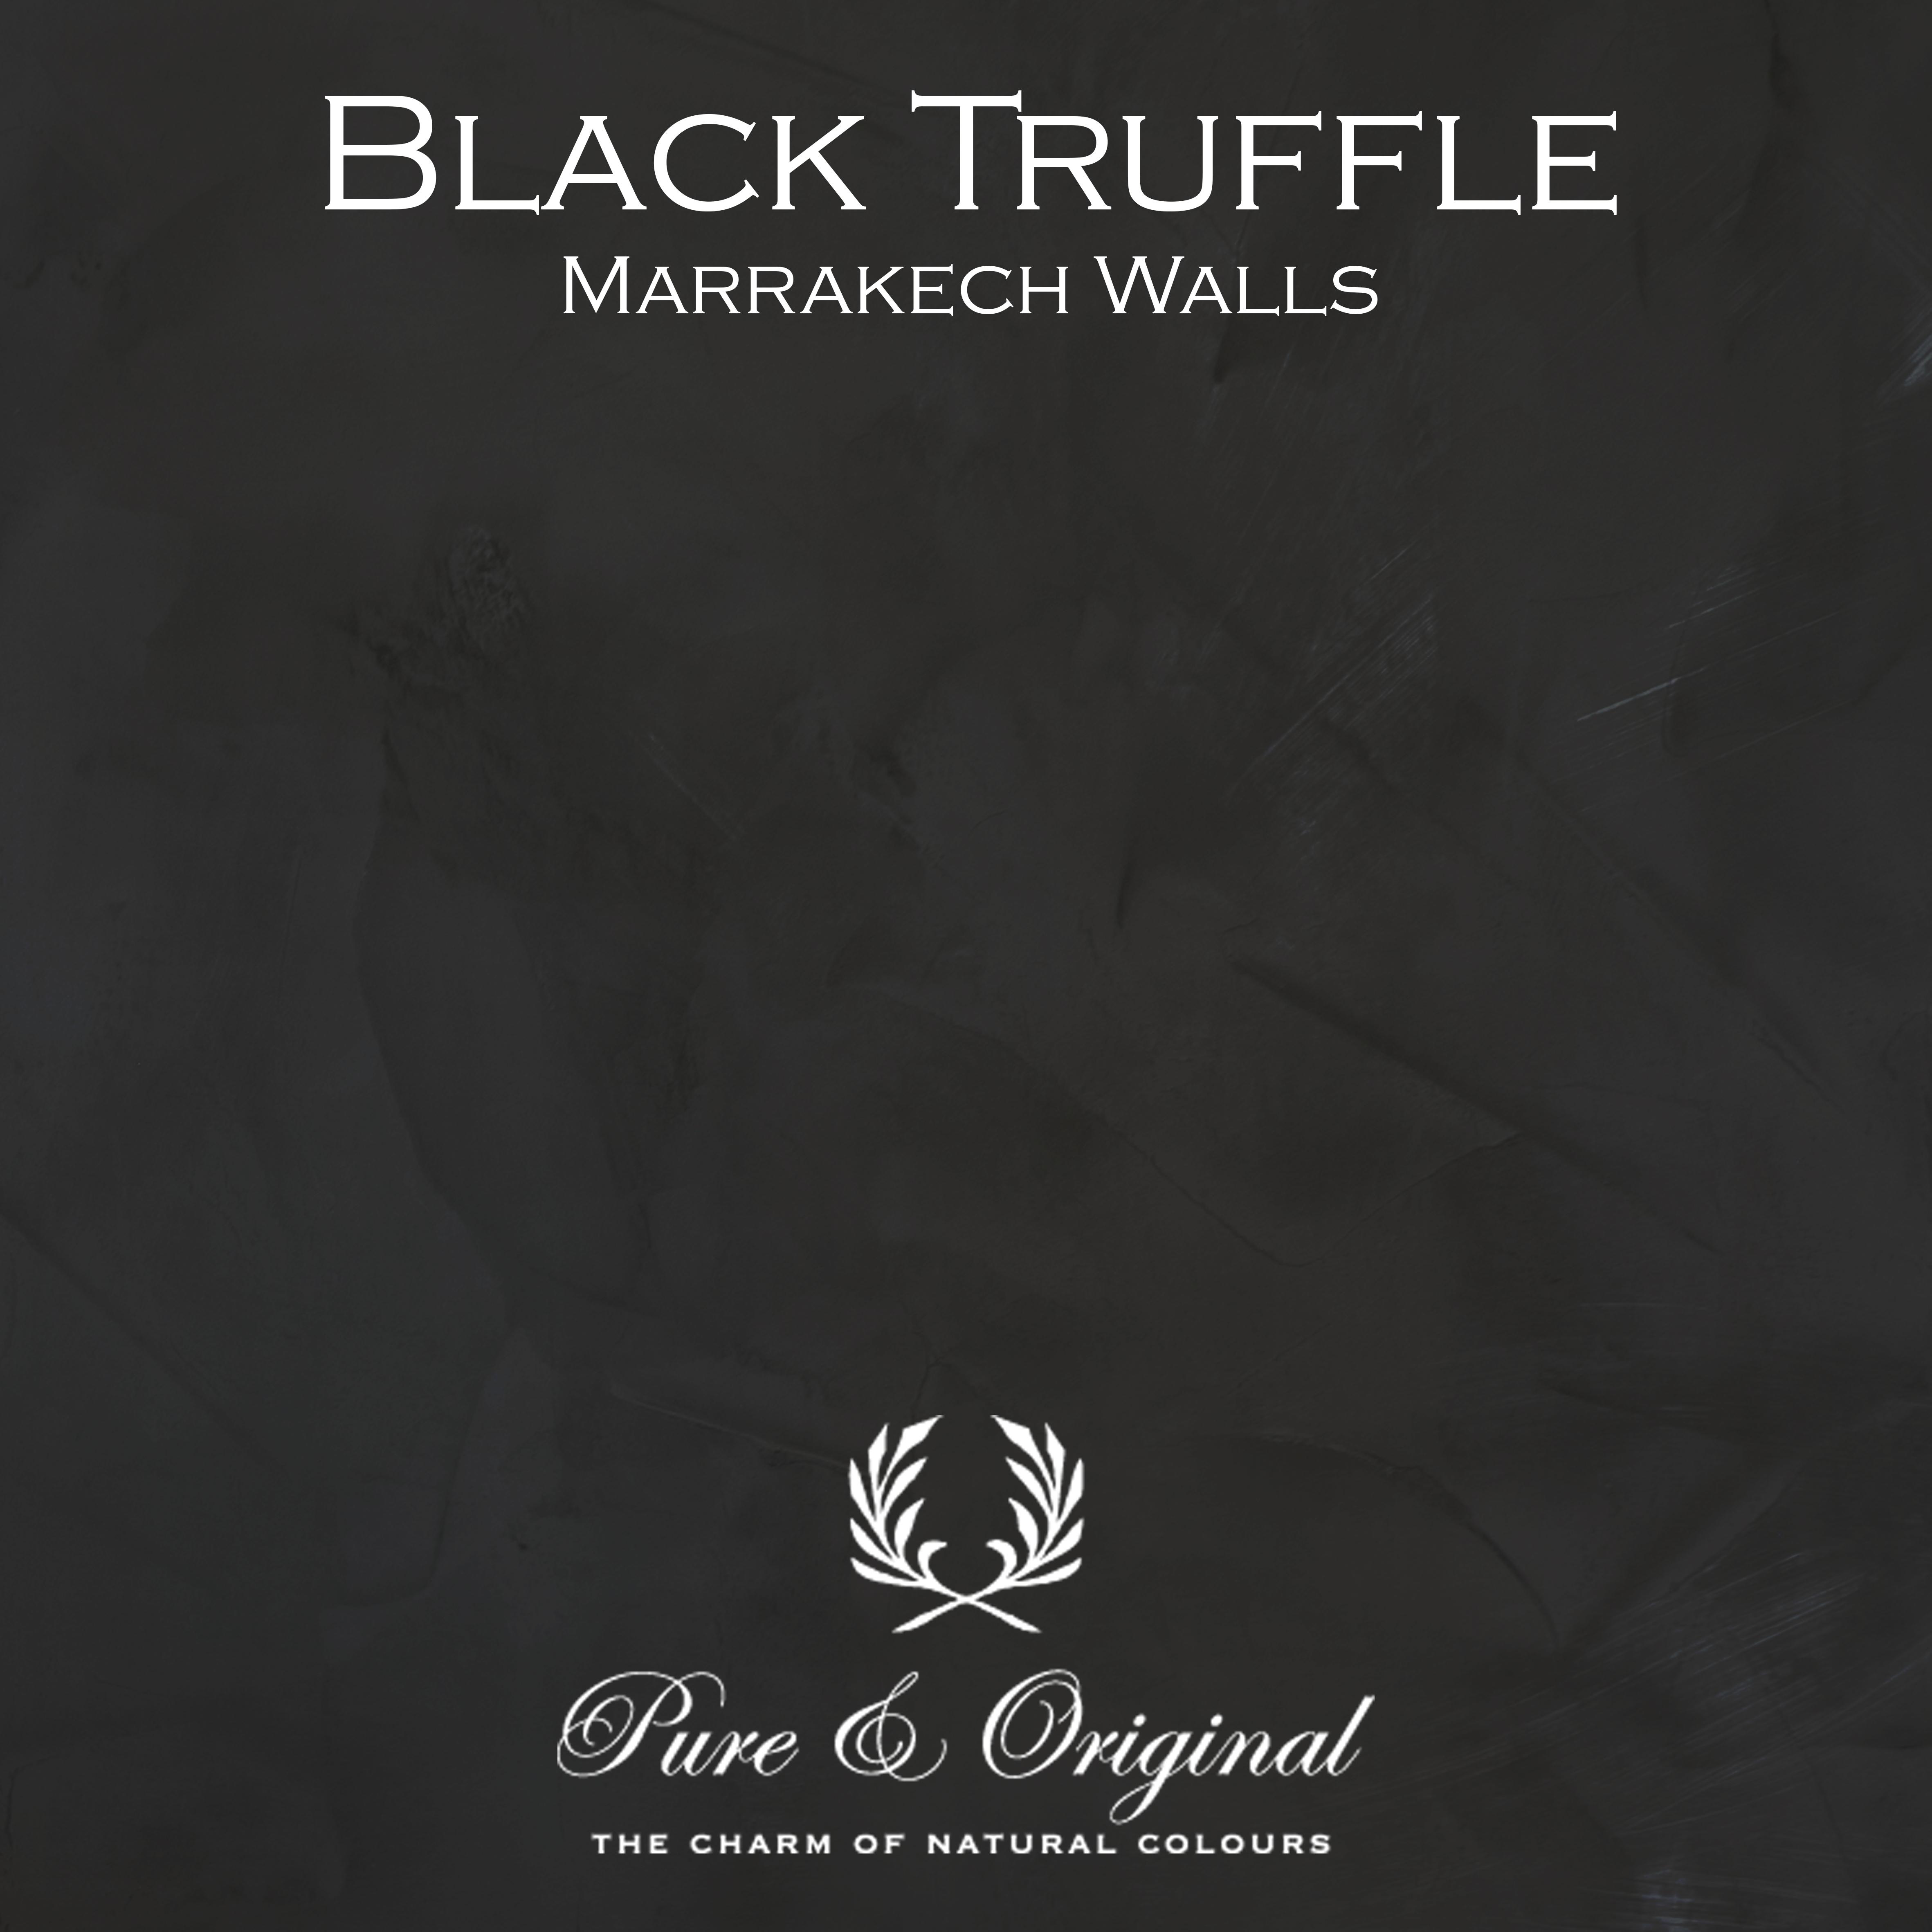 Kulör Black Truffle, Marrakech Walls kalkfärg